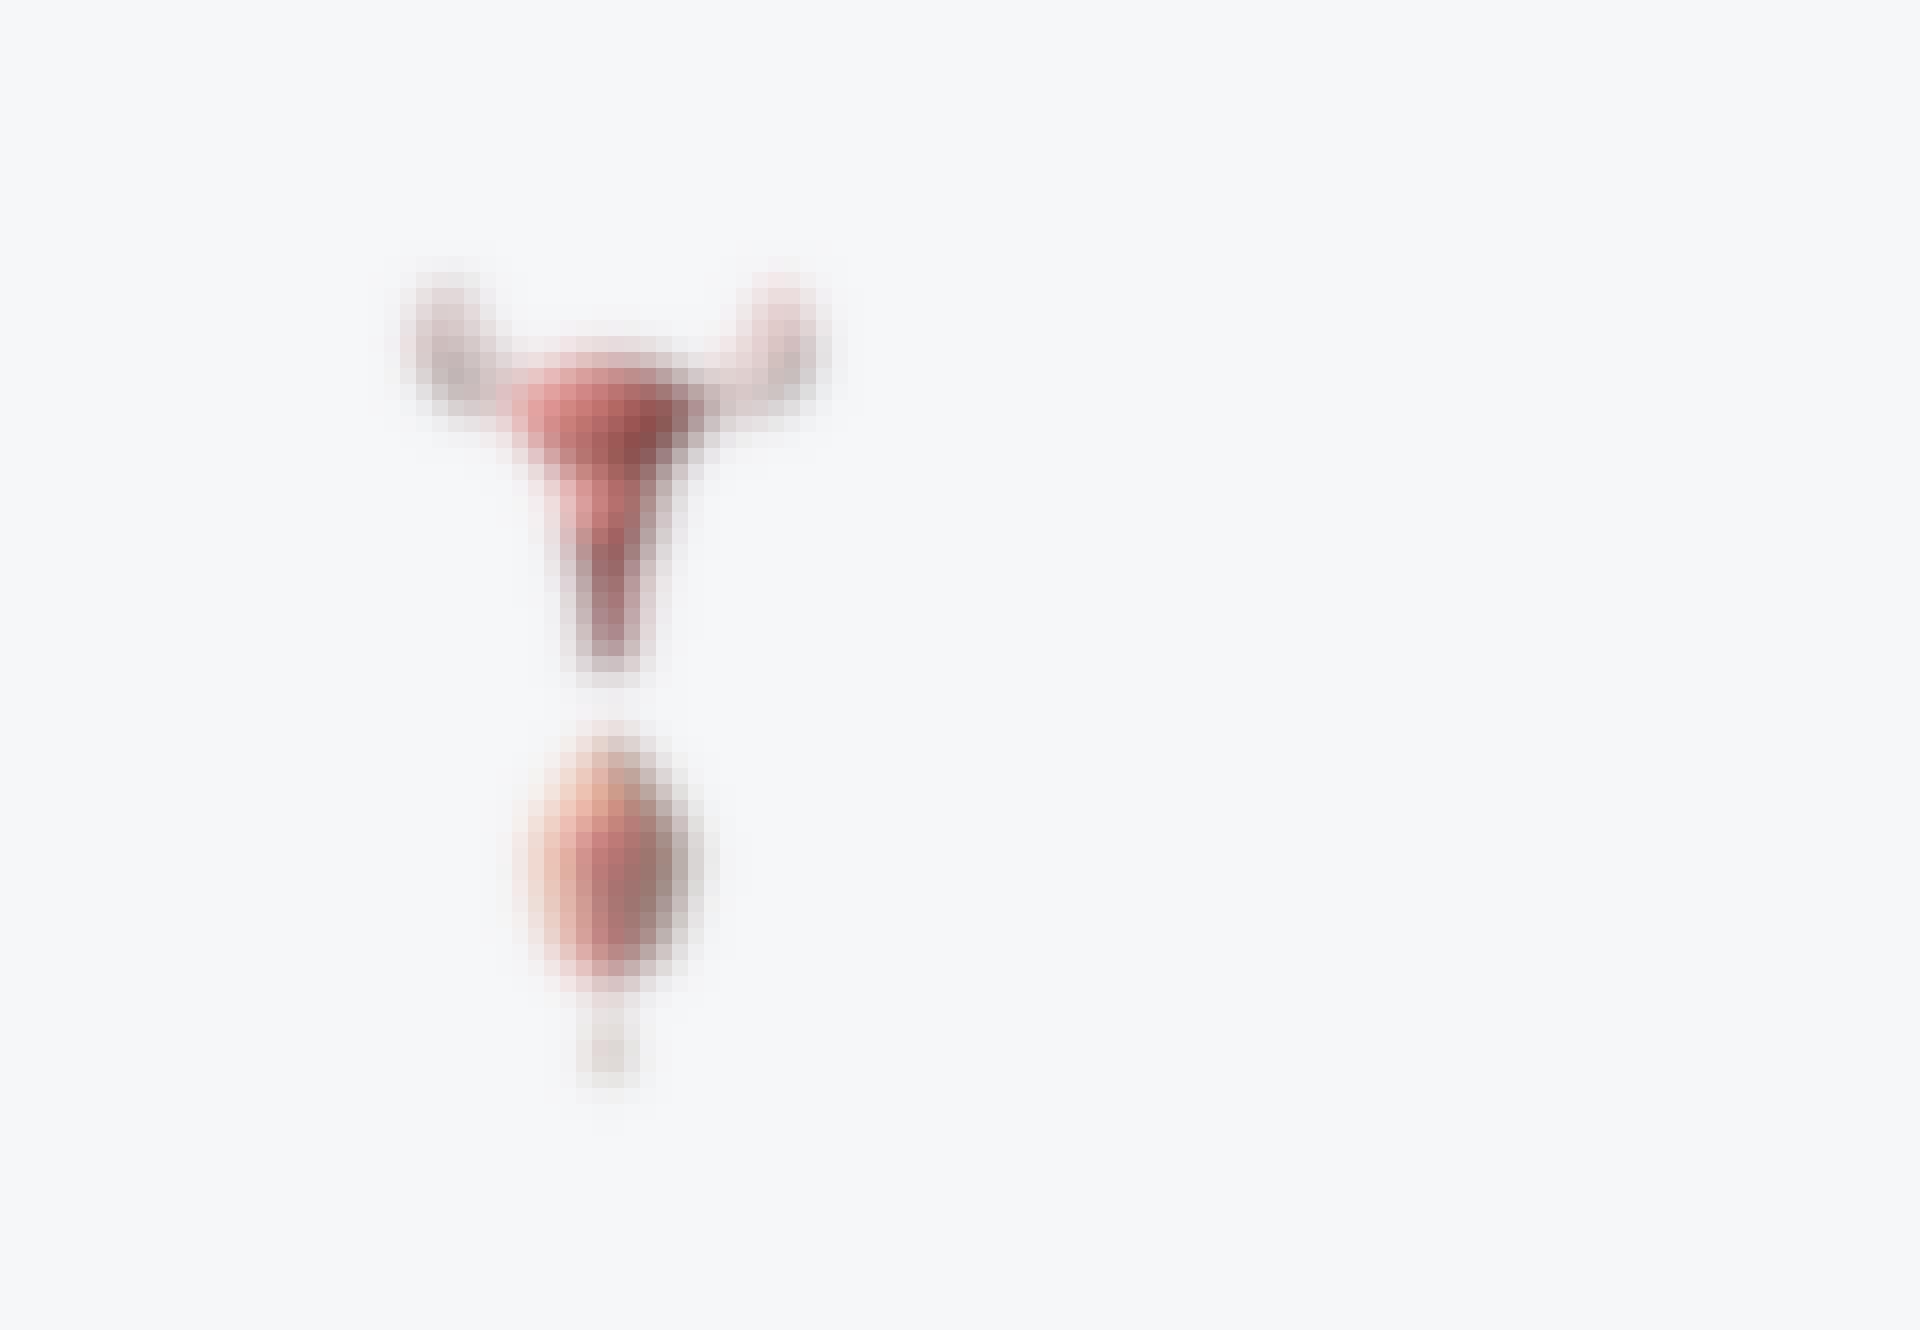 Vrouwelijk, na week 6